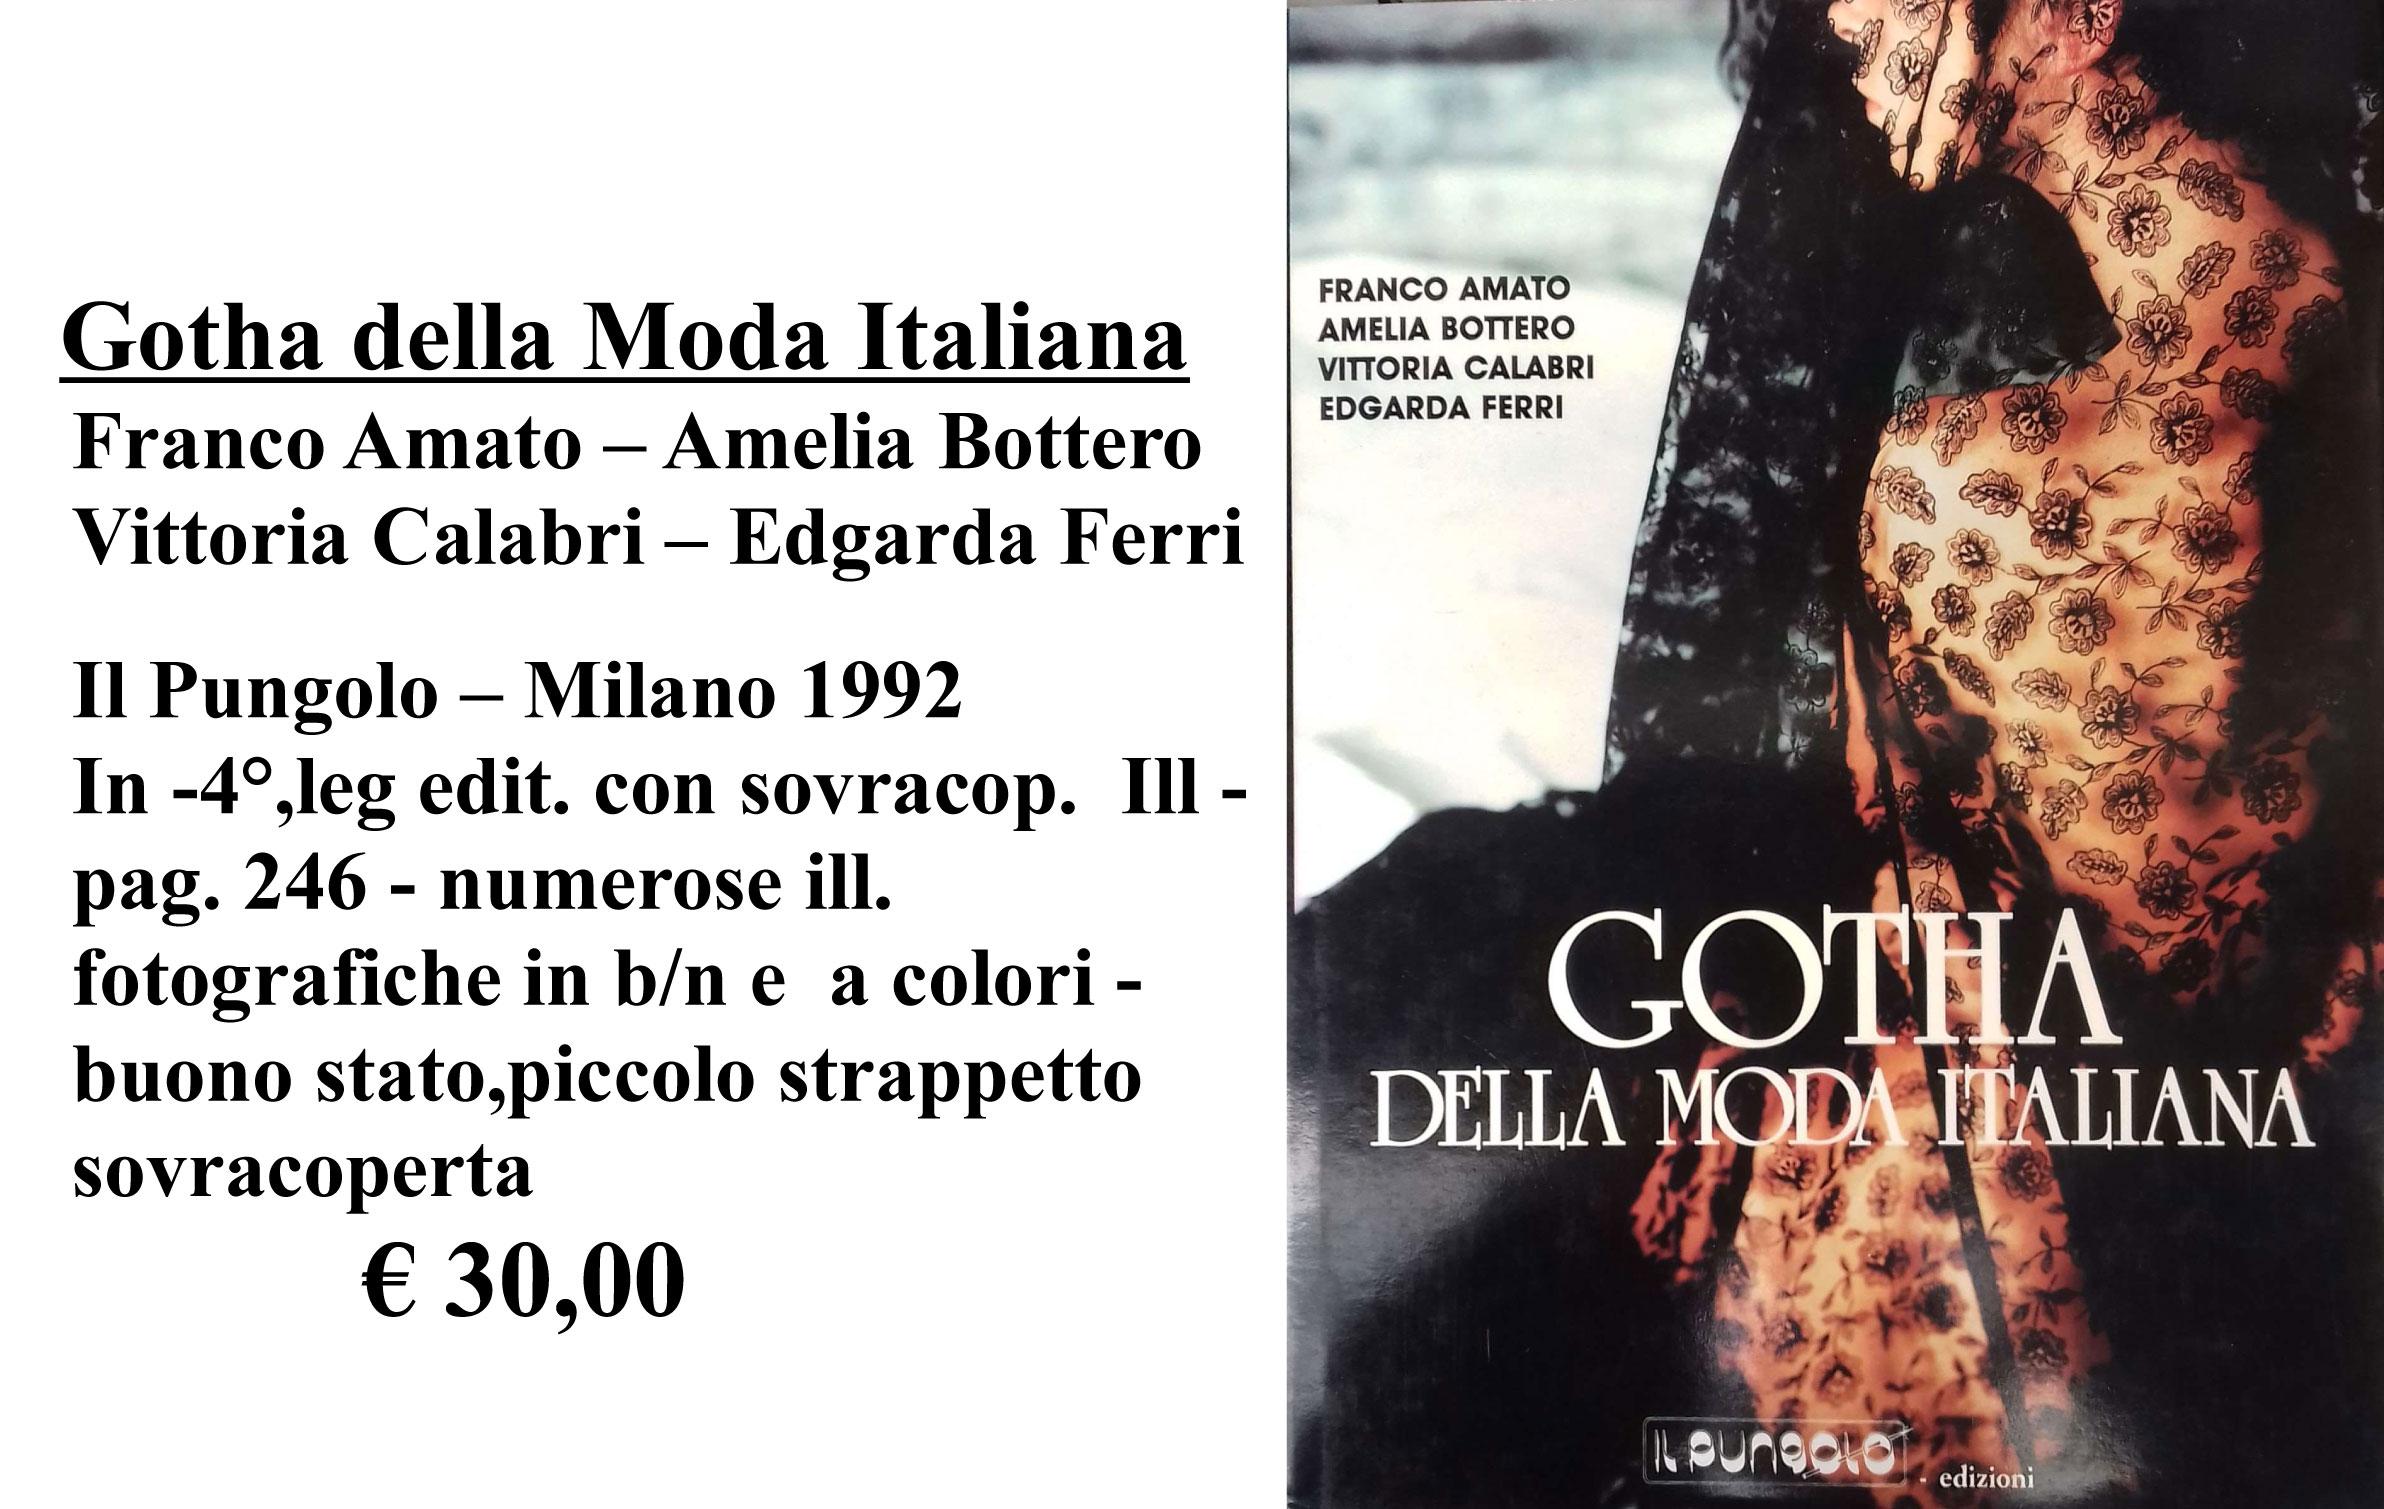 GOTHA-DELLA-MODA